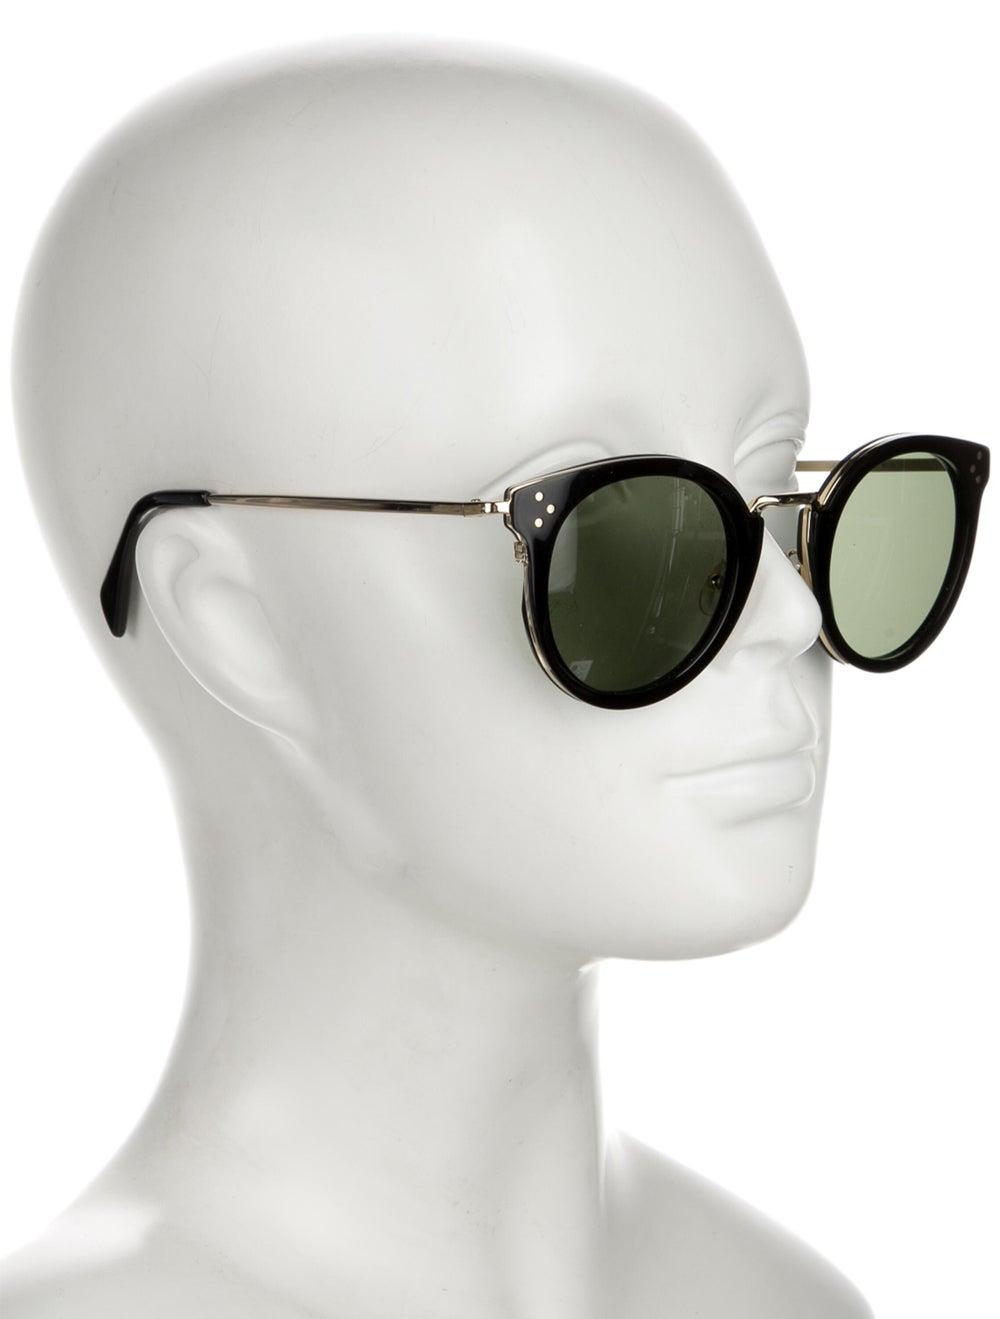 Celine Round Tinted Sunglasses Black - image 4